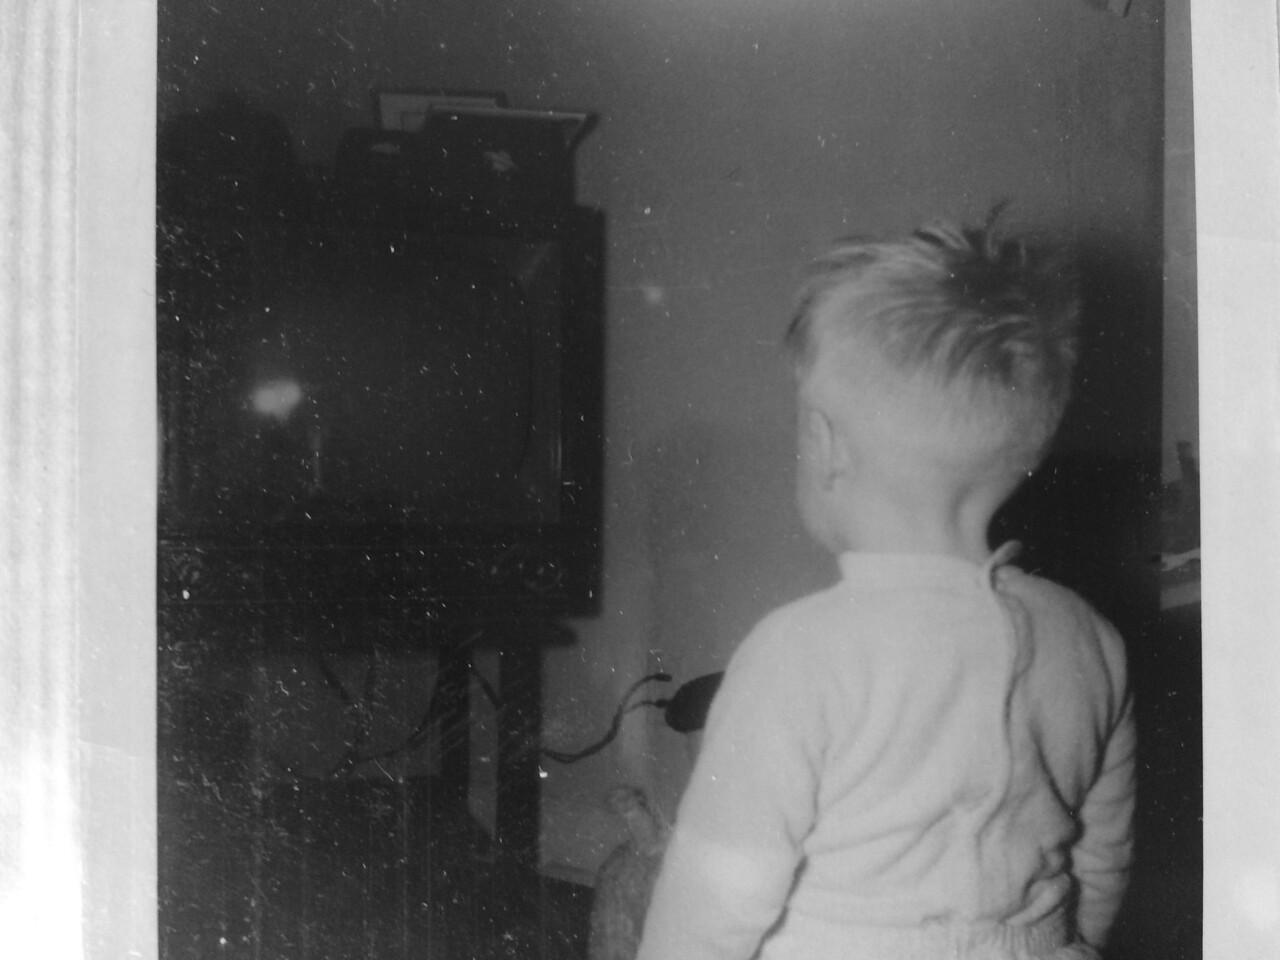 Bobby watching TV